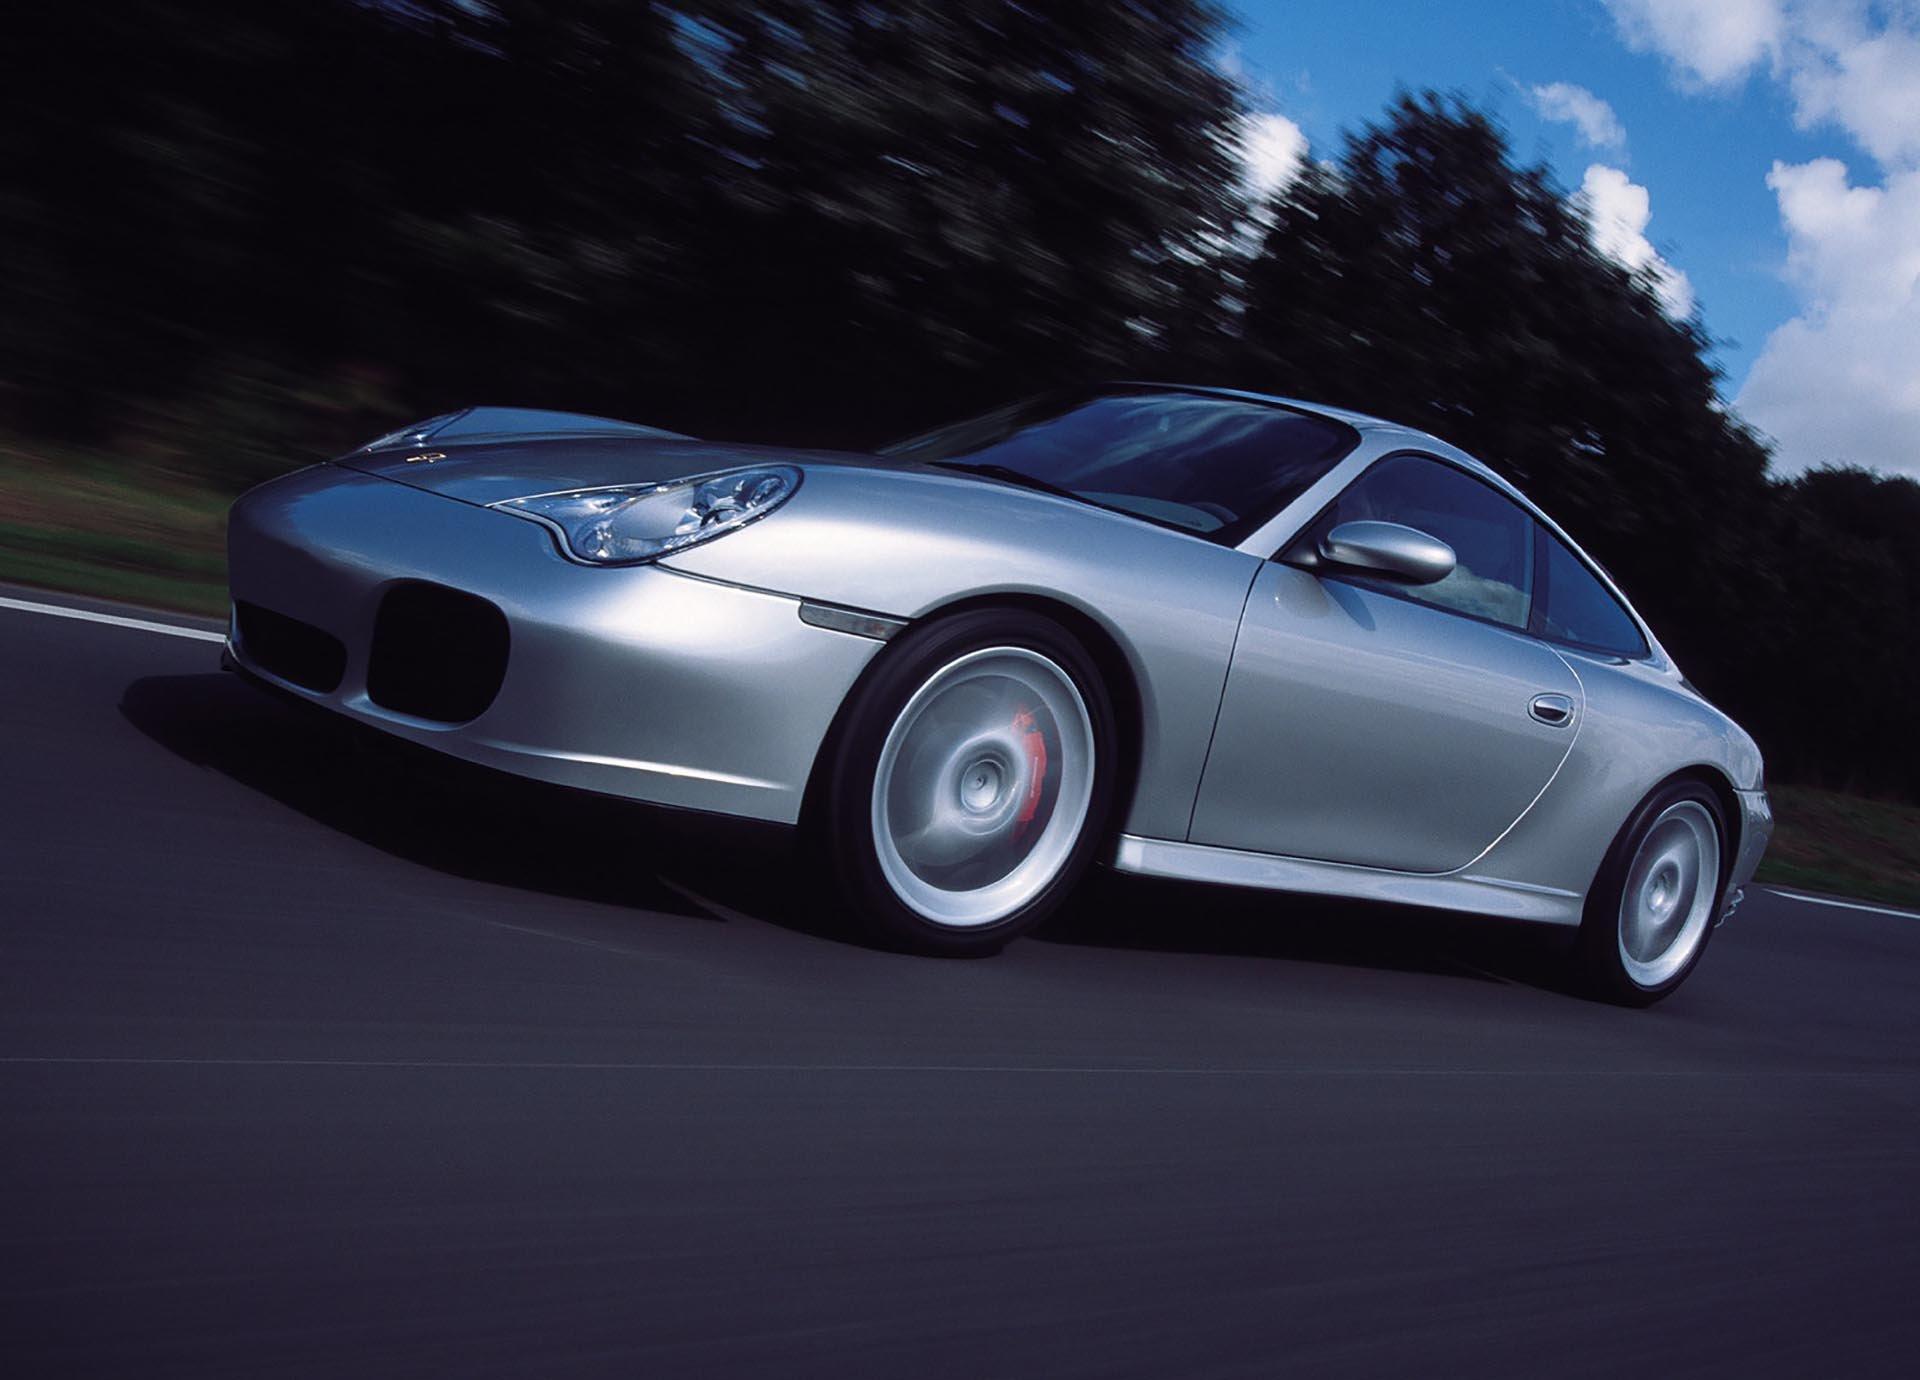 07_Porsche 911 Carrera 4S front profile